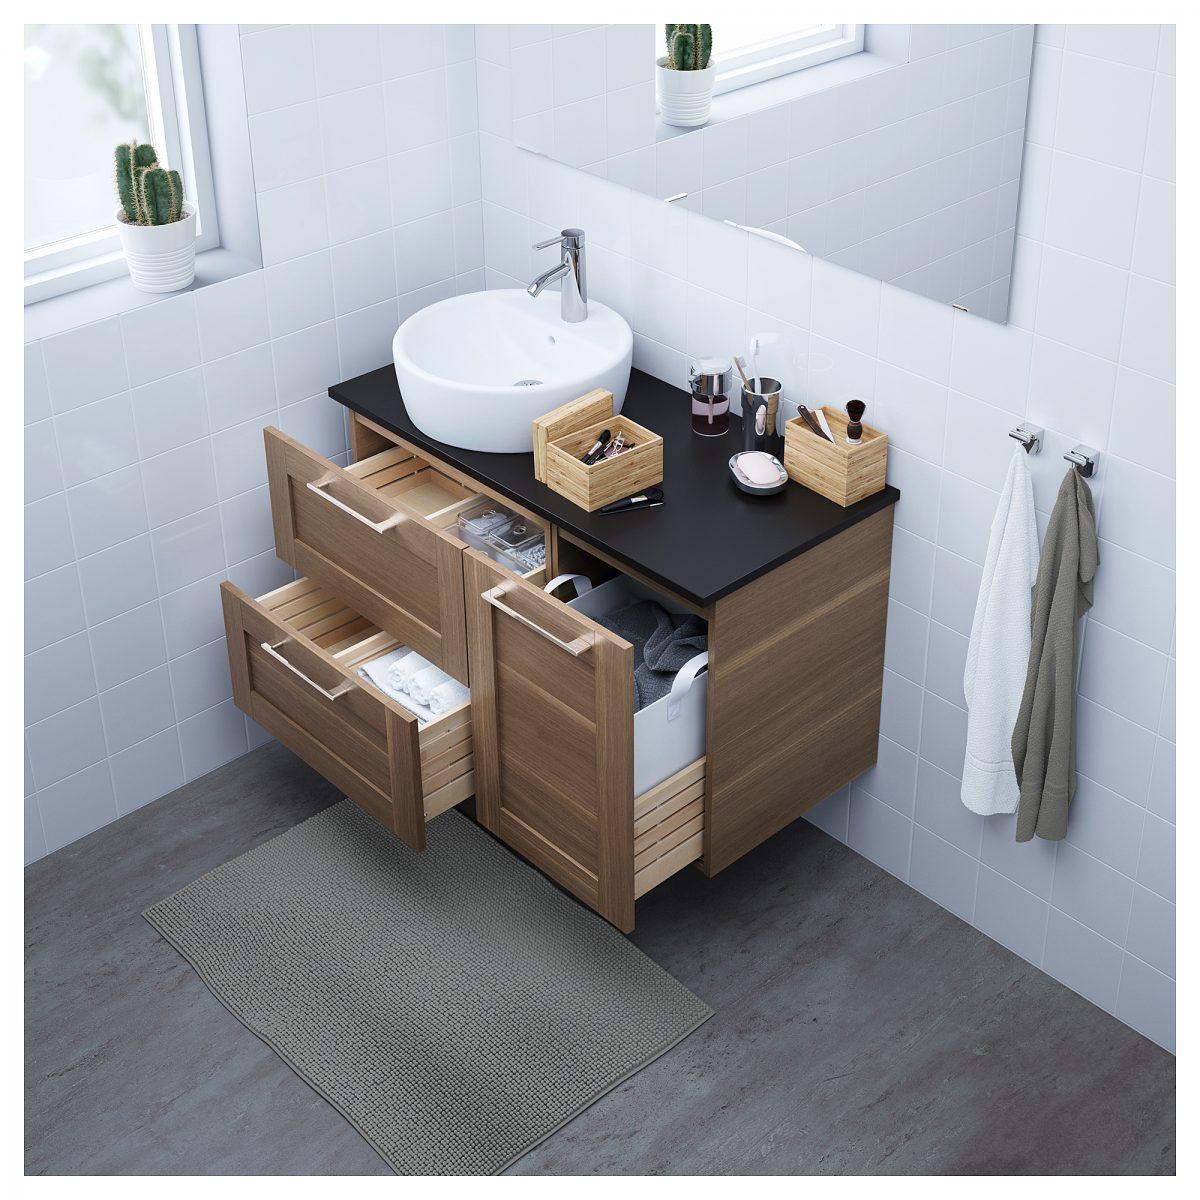 Catalogo ikea arredo bagno - Mobili del bagno ...